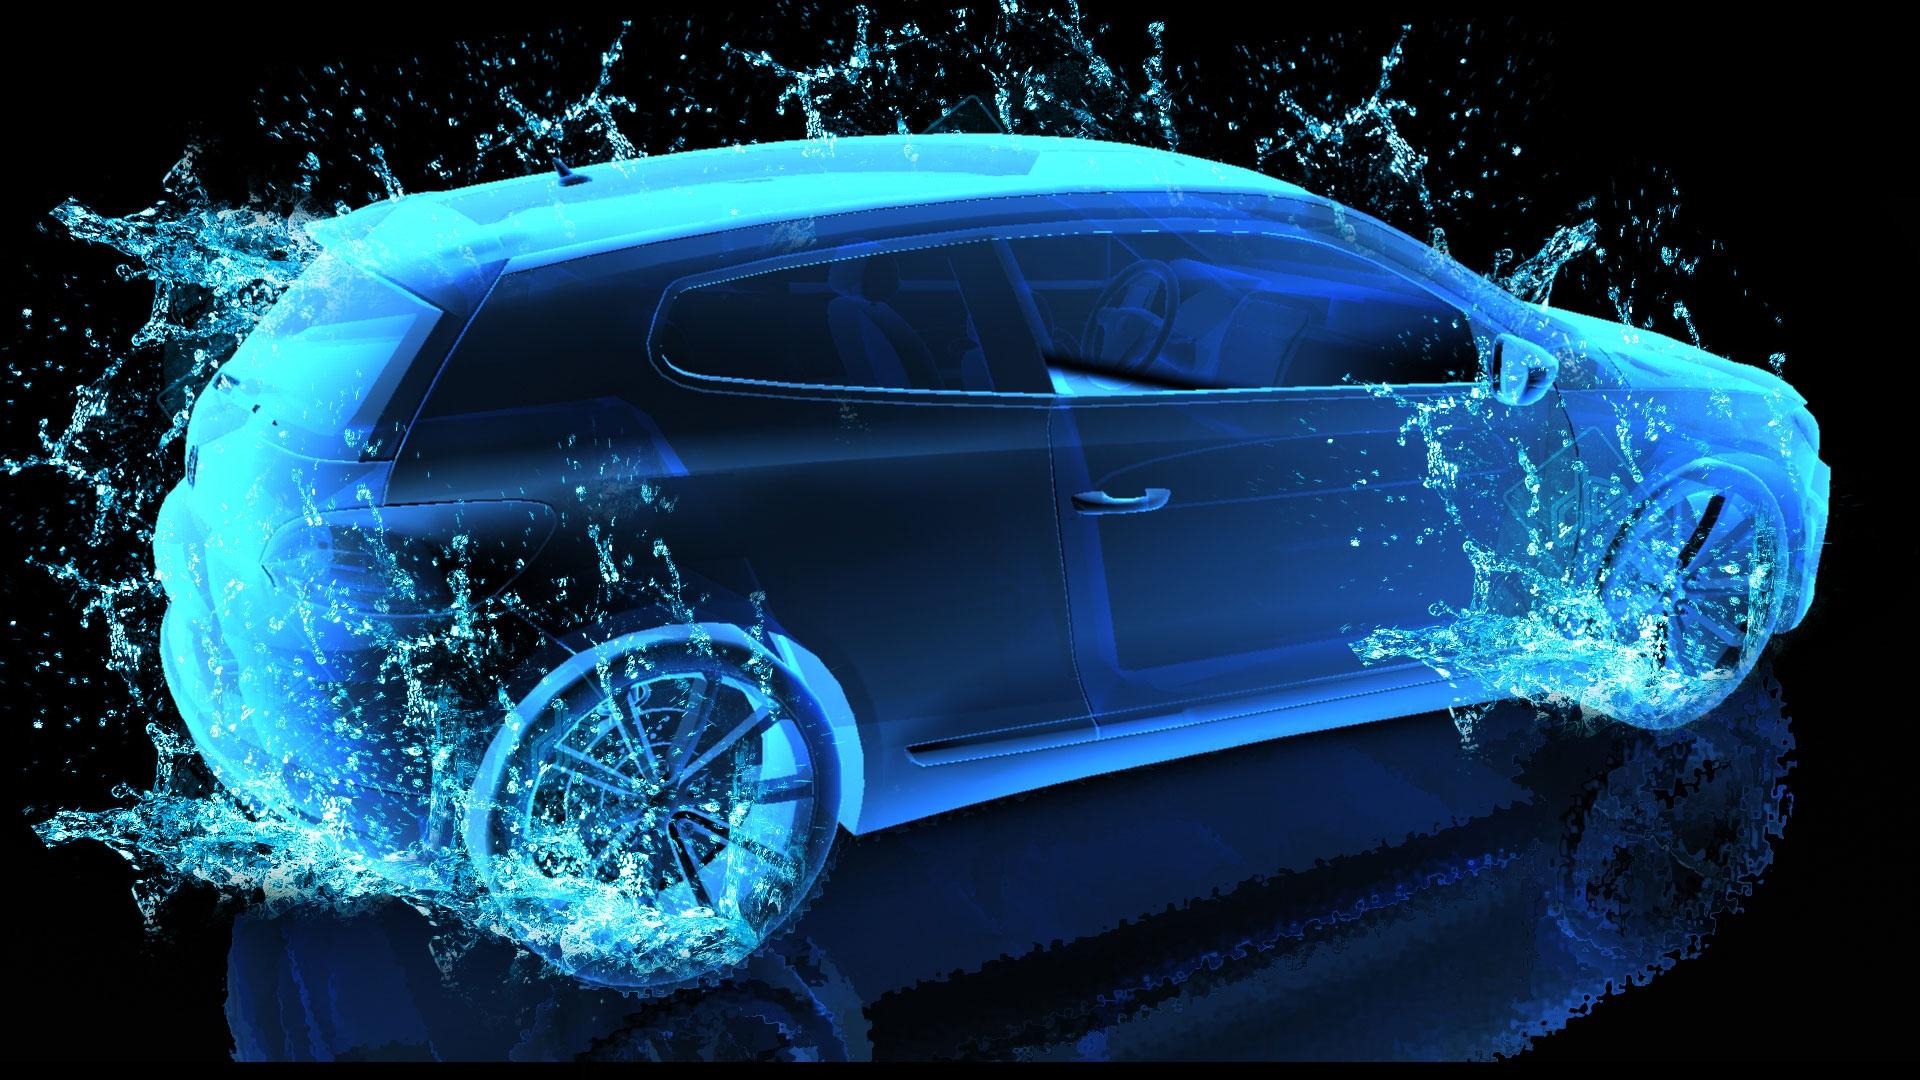 3d Neon Car Background Light Car Wallpaper Hd 1920x1080 Download Hd Wallpaper Wallpapertip